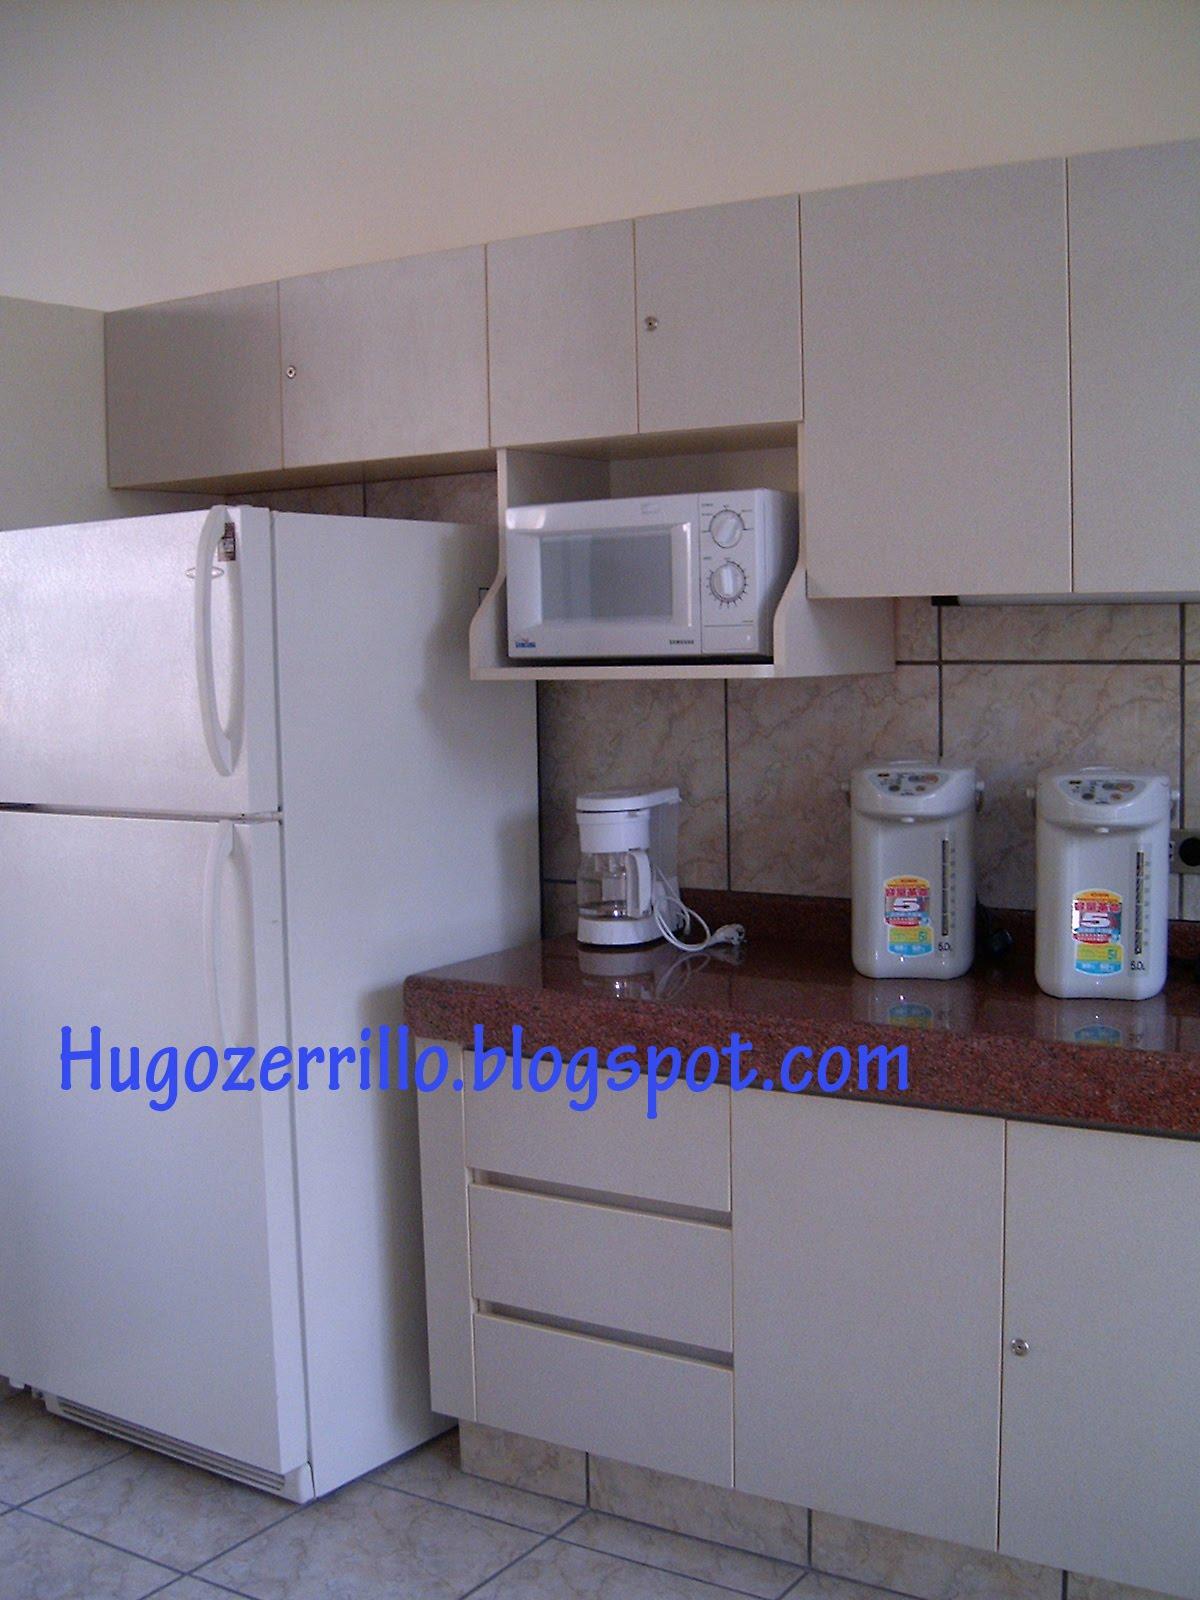 Cocinas empotradas en concreto peque as imagui for Cocinas de concreto pequenas